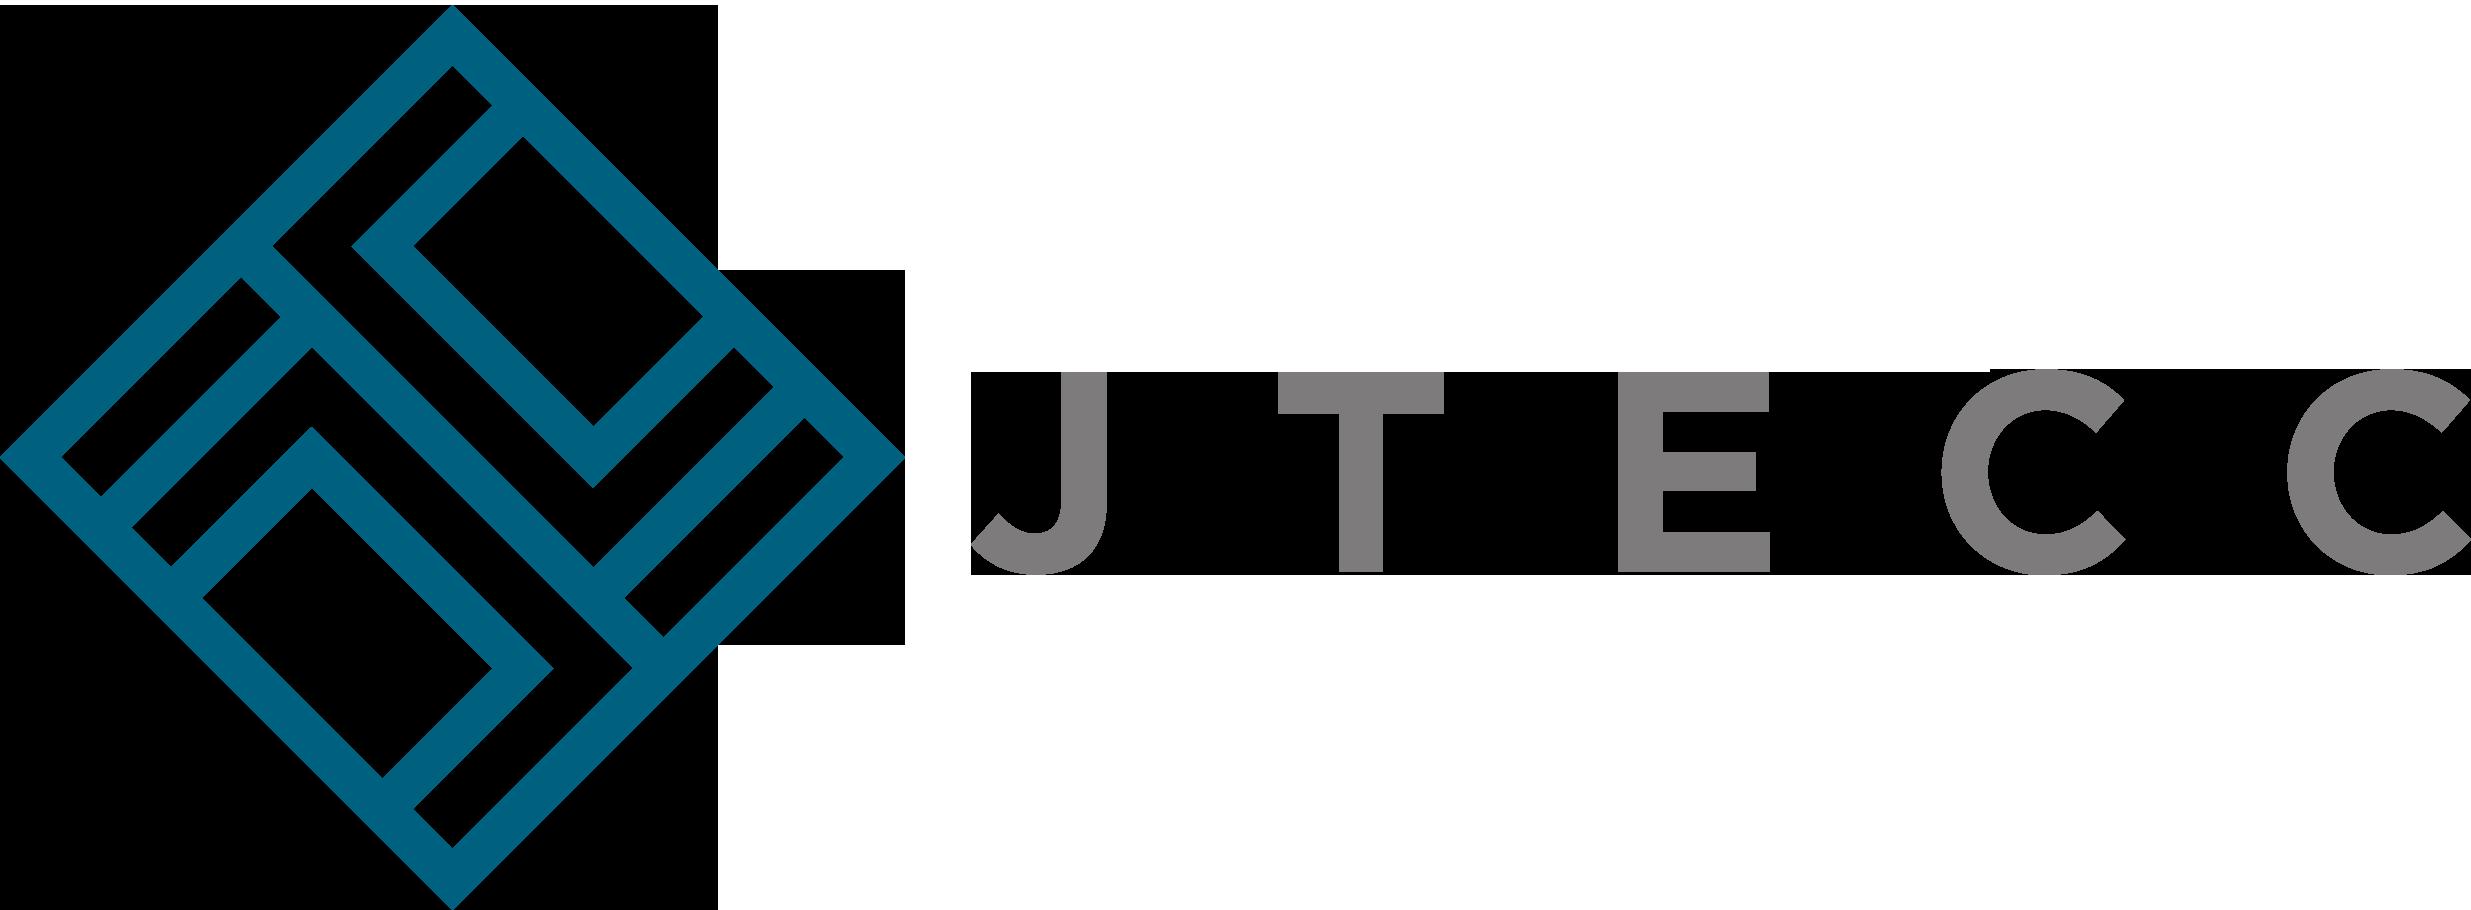 JTECC